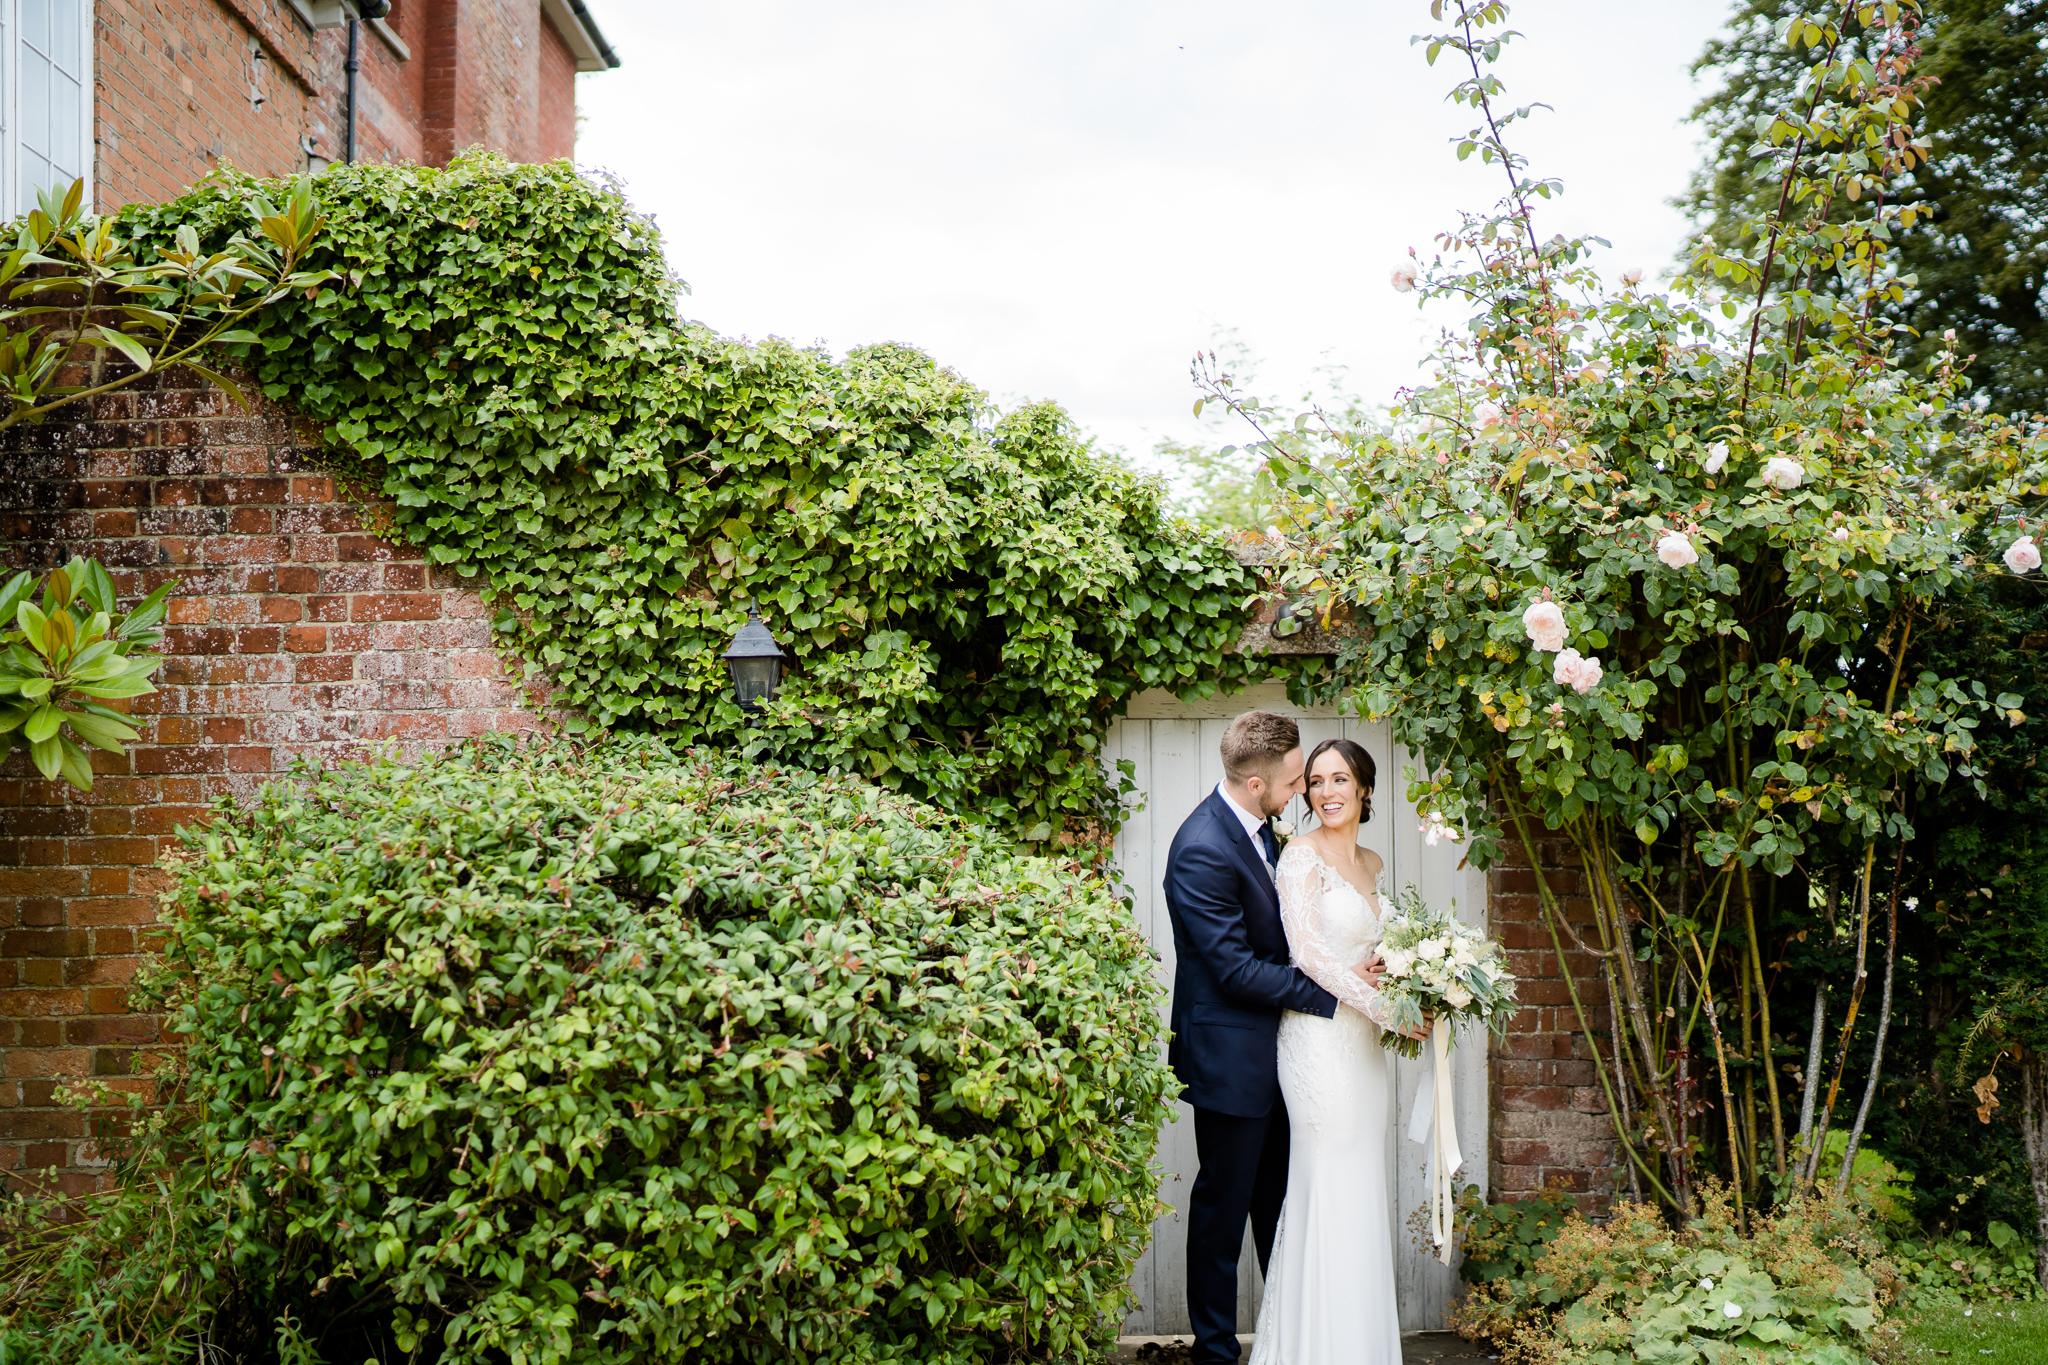 wedding photos of bride and groom at Syrencot wedding venue Wiltshire